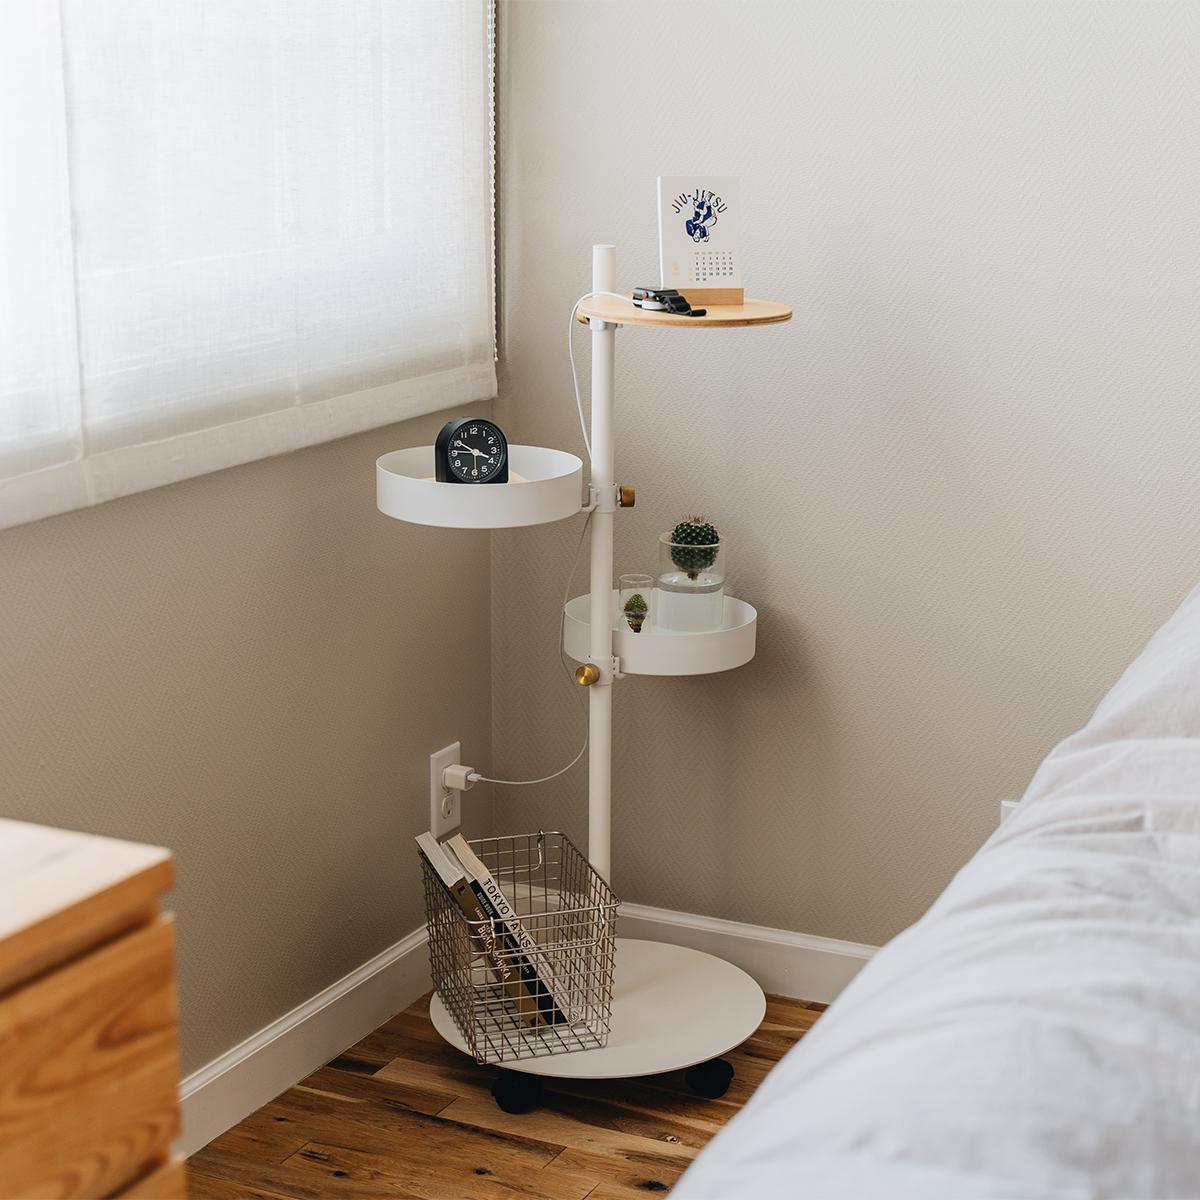 シンプルで便利な収納システム。寝室に書斎やワークスペース、キッチンに。キャスター台つきポール「Move Rod(ムーブロッド)」|DRAW A LINE(ドローアライン)